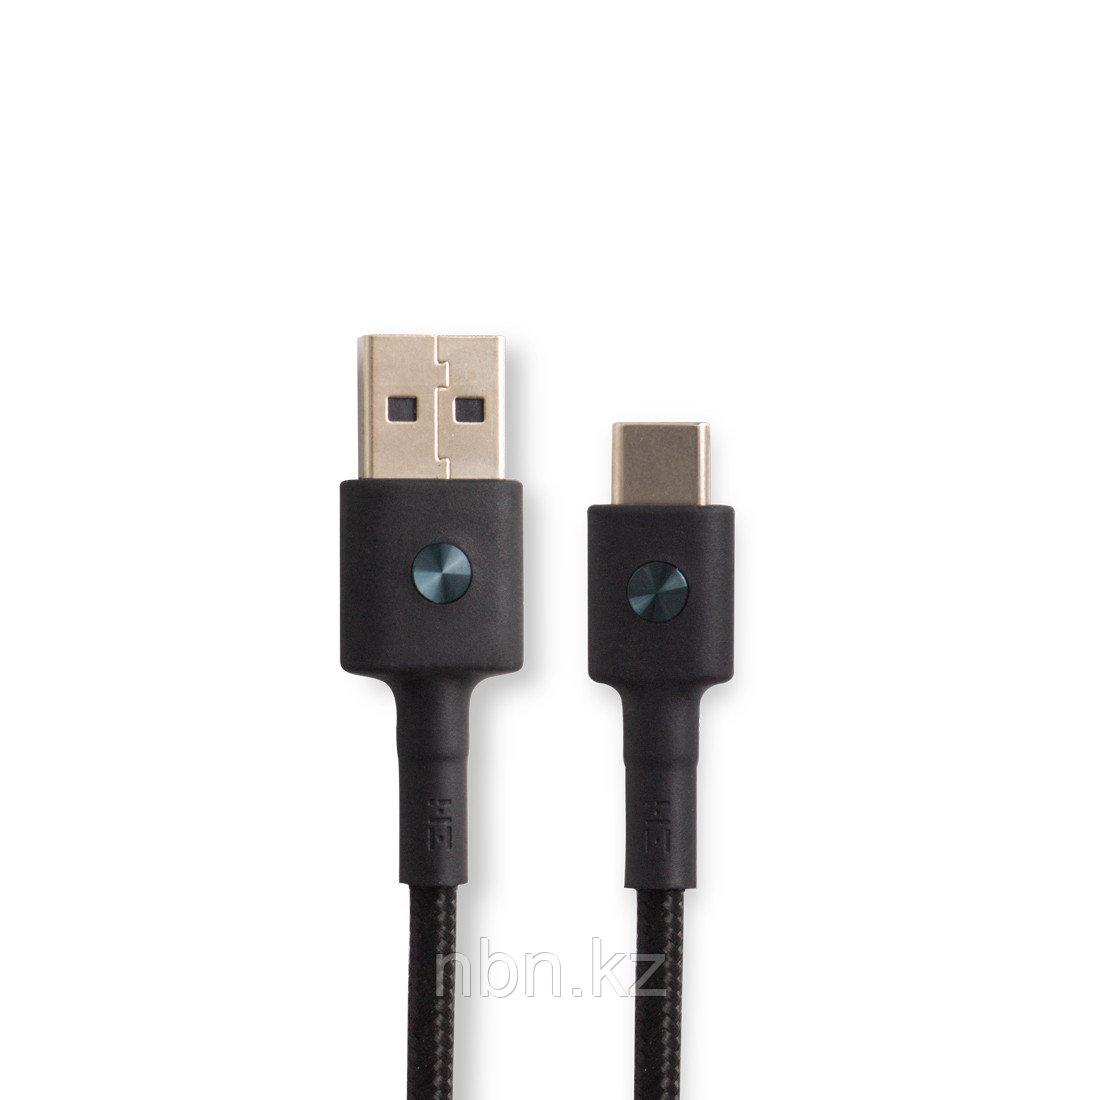 Интерфейсный кабель Xiaomi ZMI AL401 100cm Type-C Черный